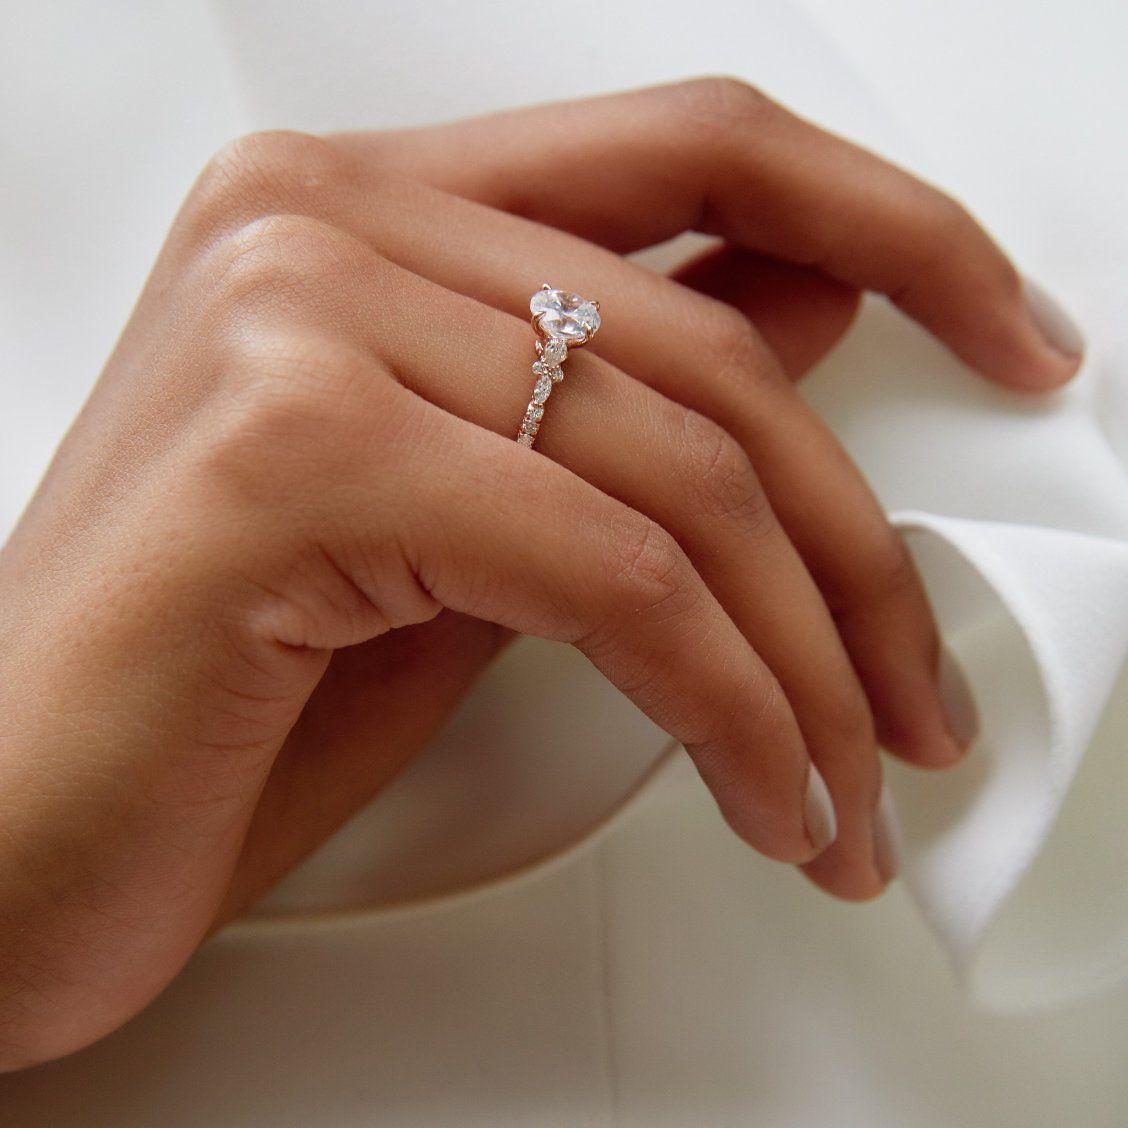 14k Rose Gold Primrose Diamond Ring Glamorous Engagement Rings Stunning Engagement Ring Wedding Ring Hand